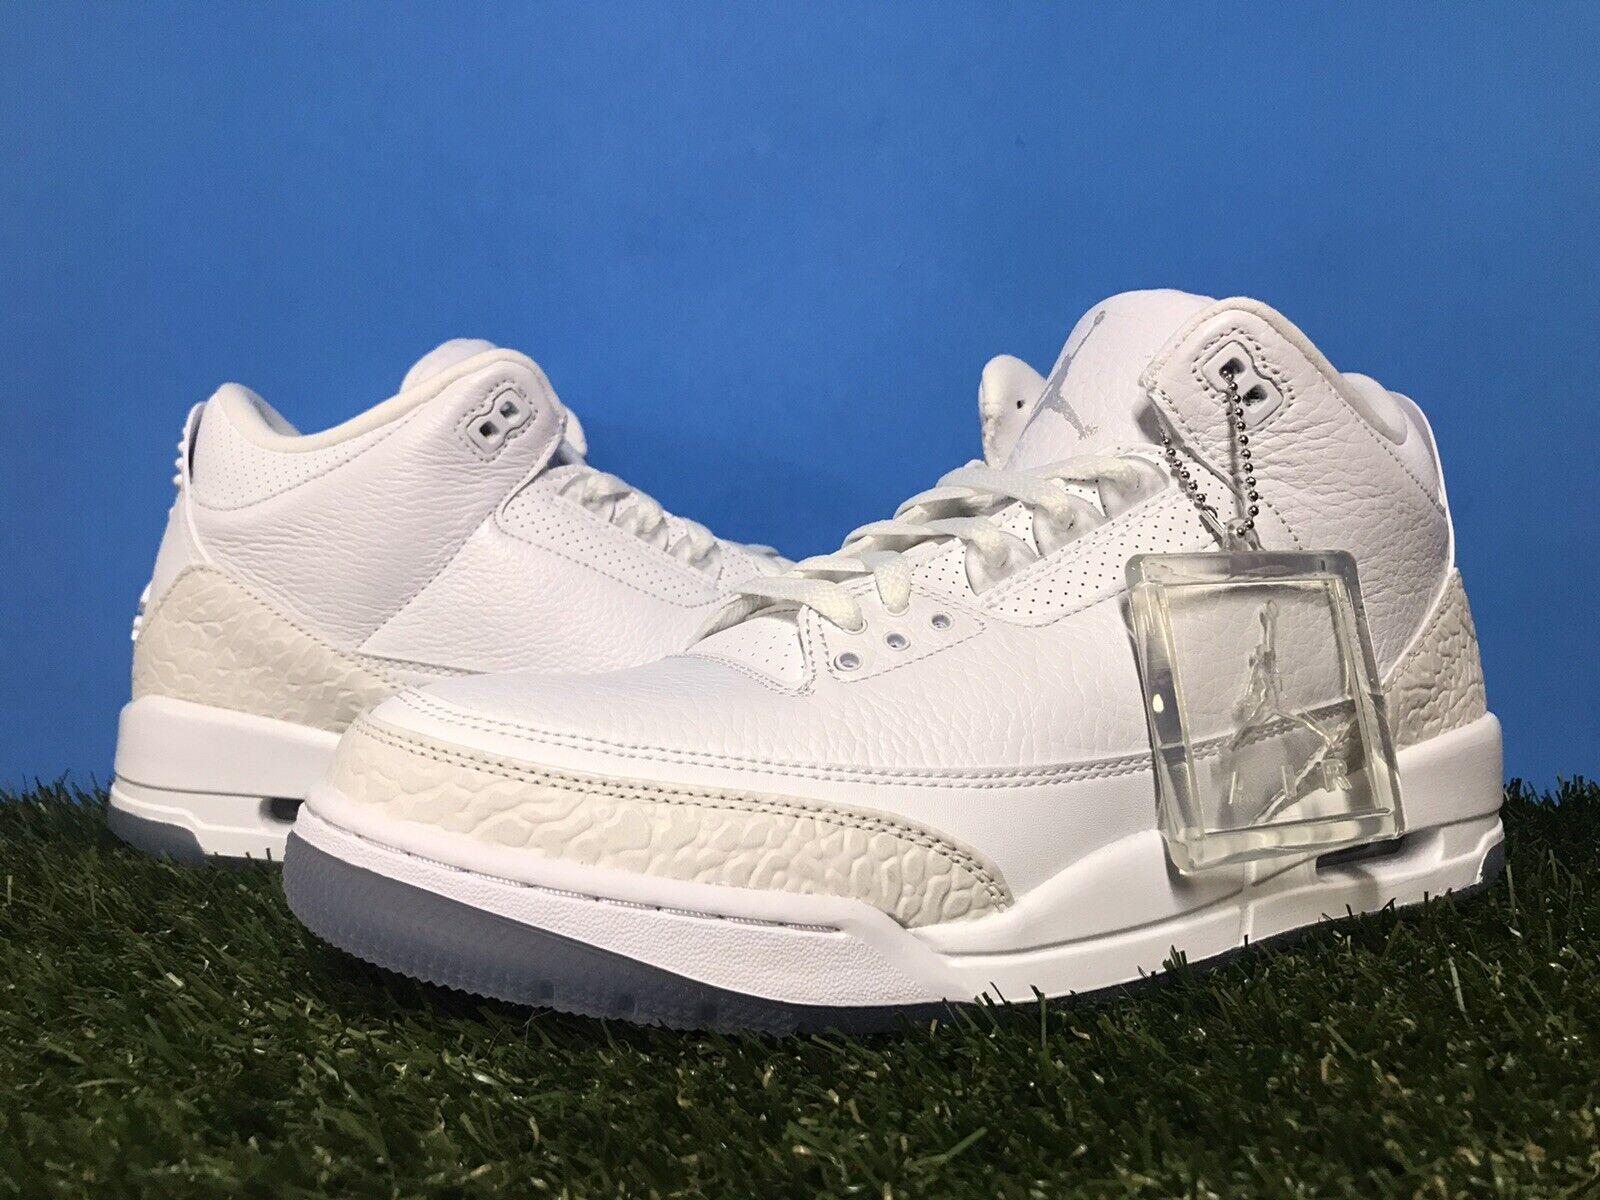 Nike Air Jordan 3 III Retro Pure White